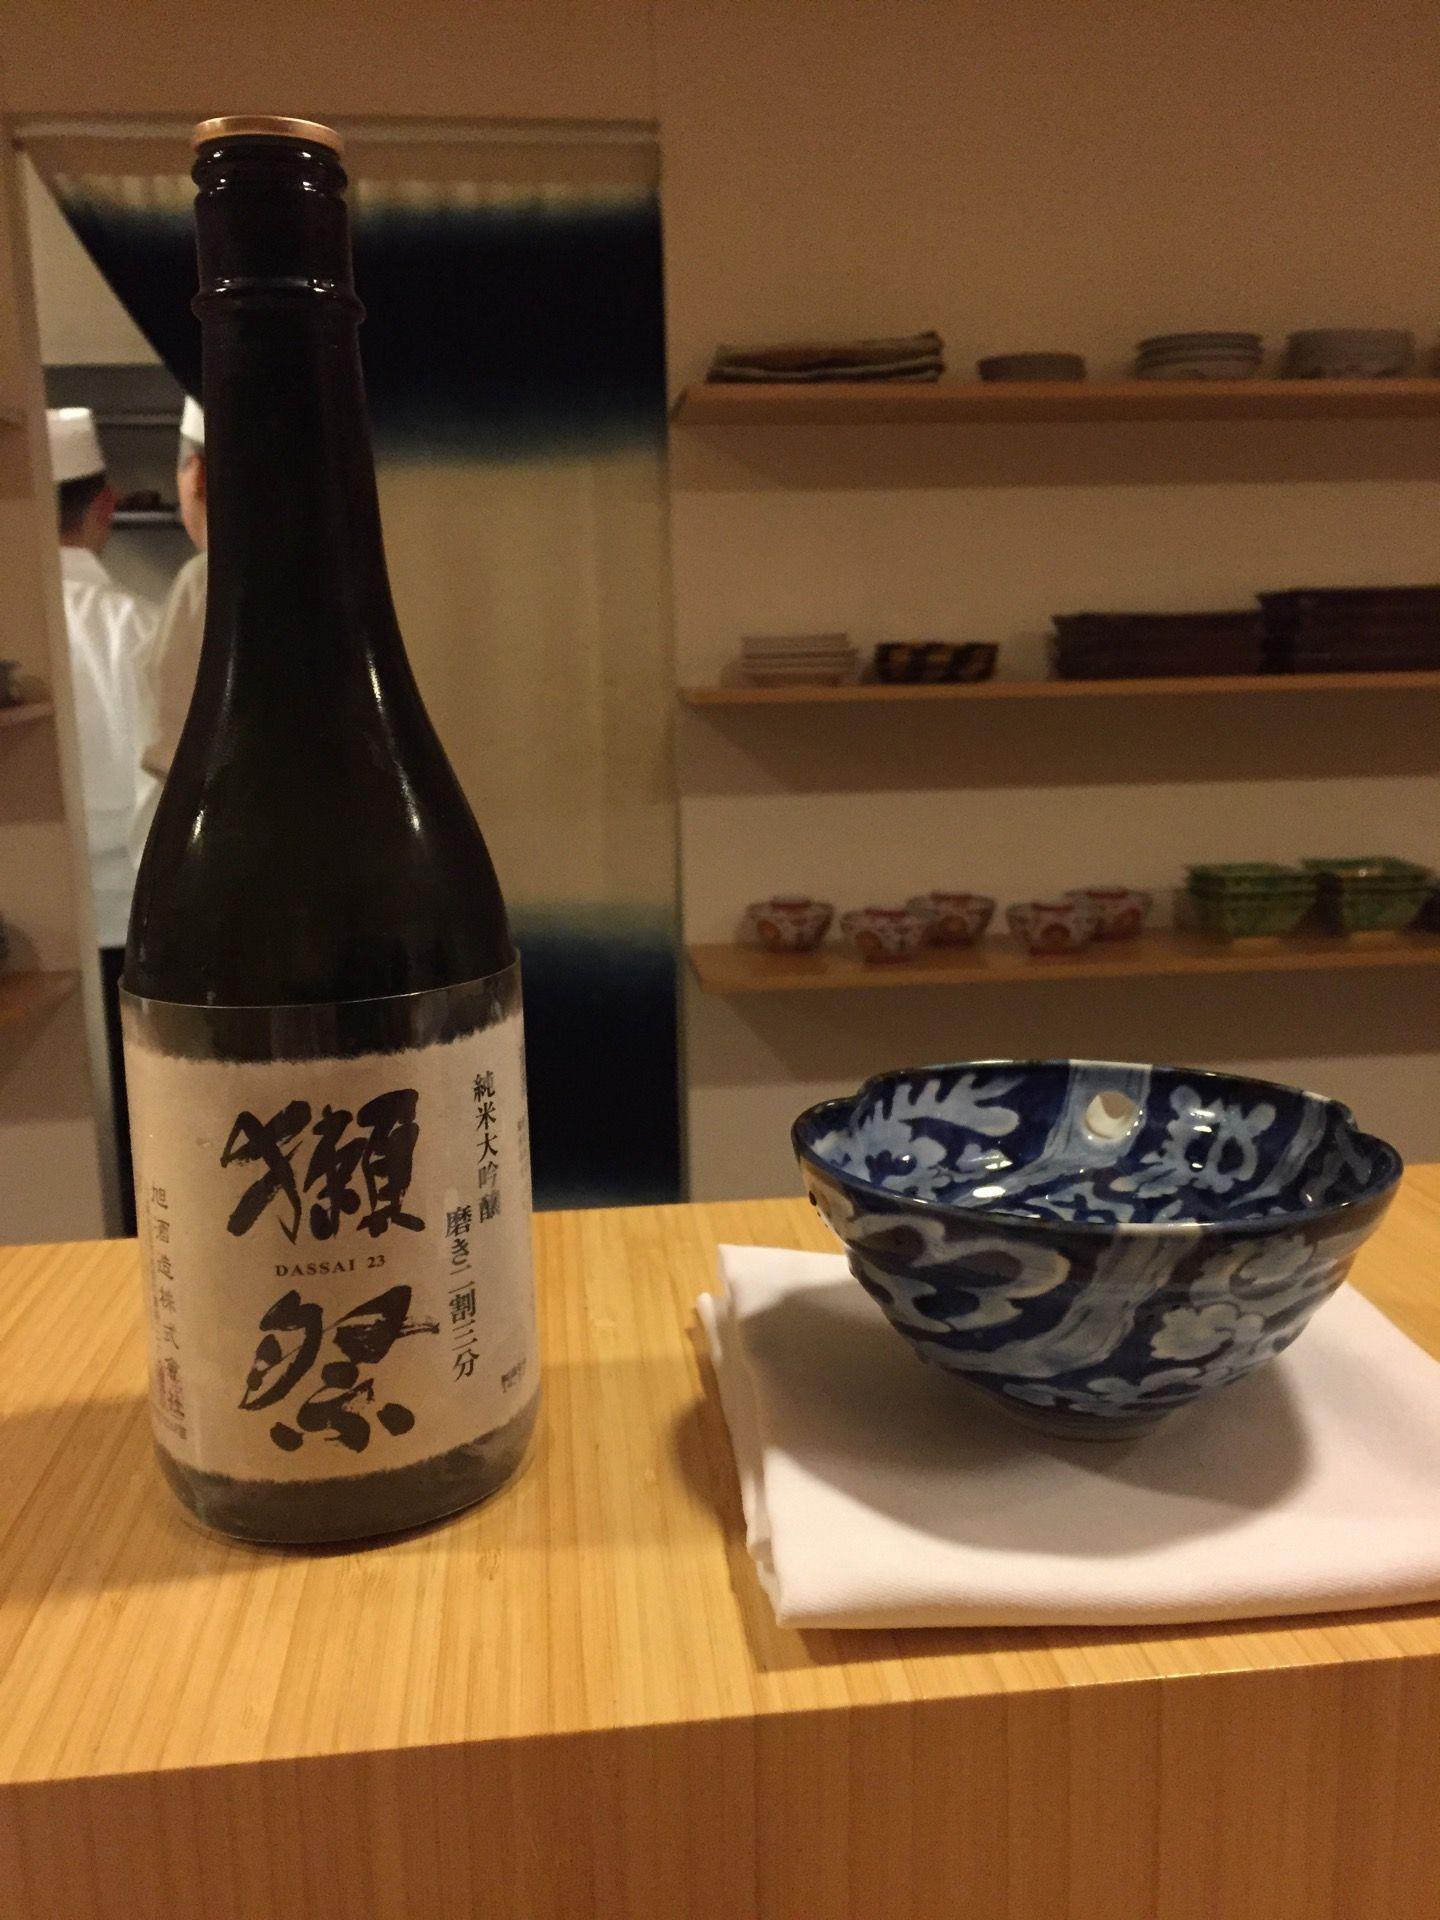 日本料理 かんだ Kanda in 港区, 東京都